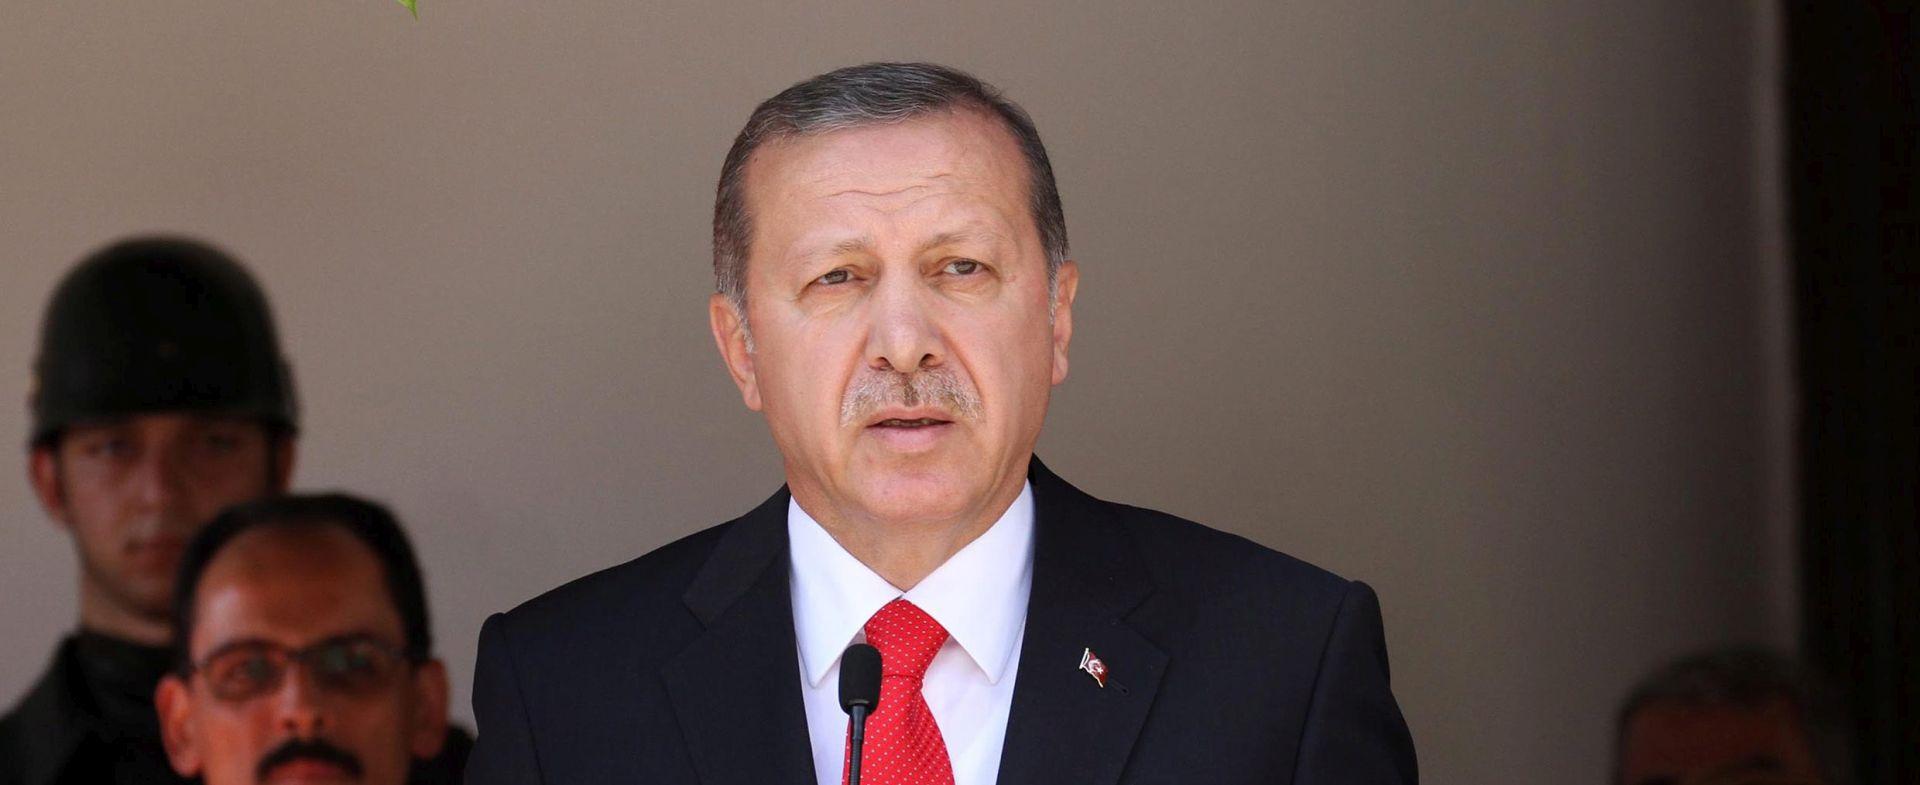 JAČANJE ODNOSA: Erdogan razgovarao s Putinom o Bliskom istoku